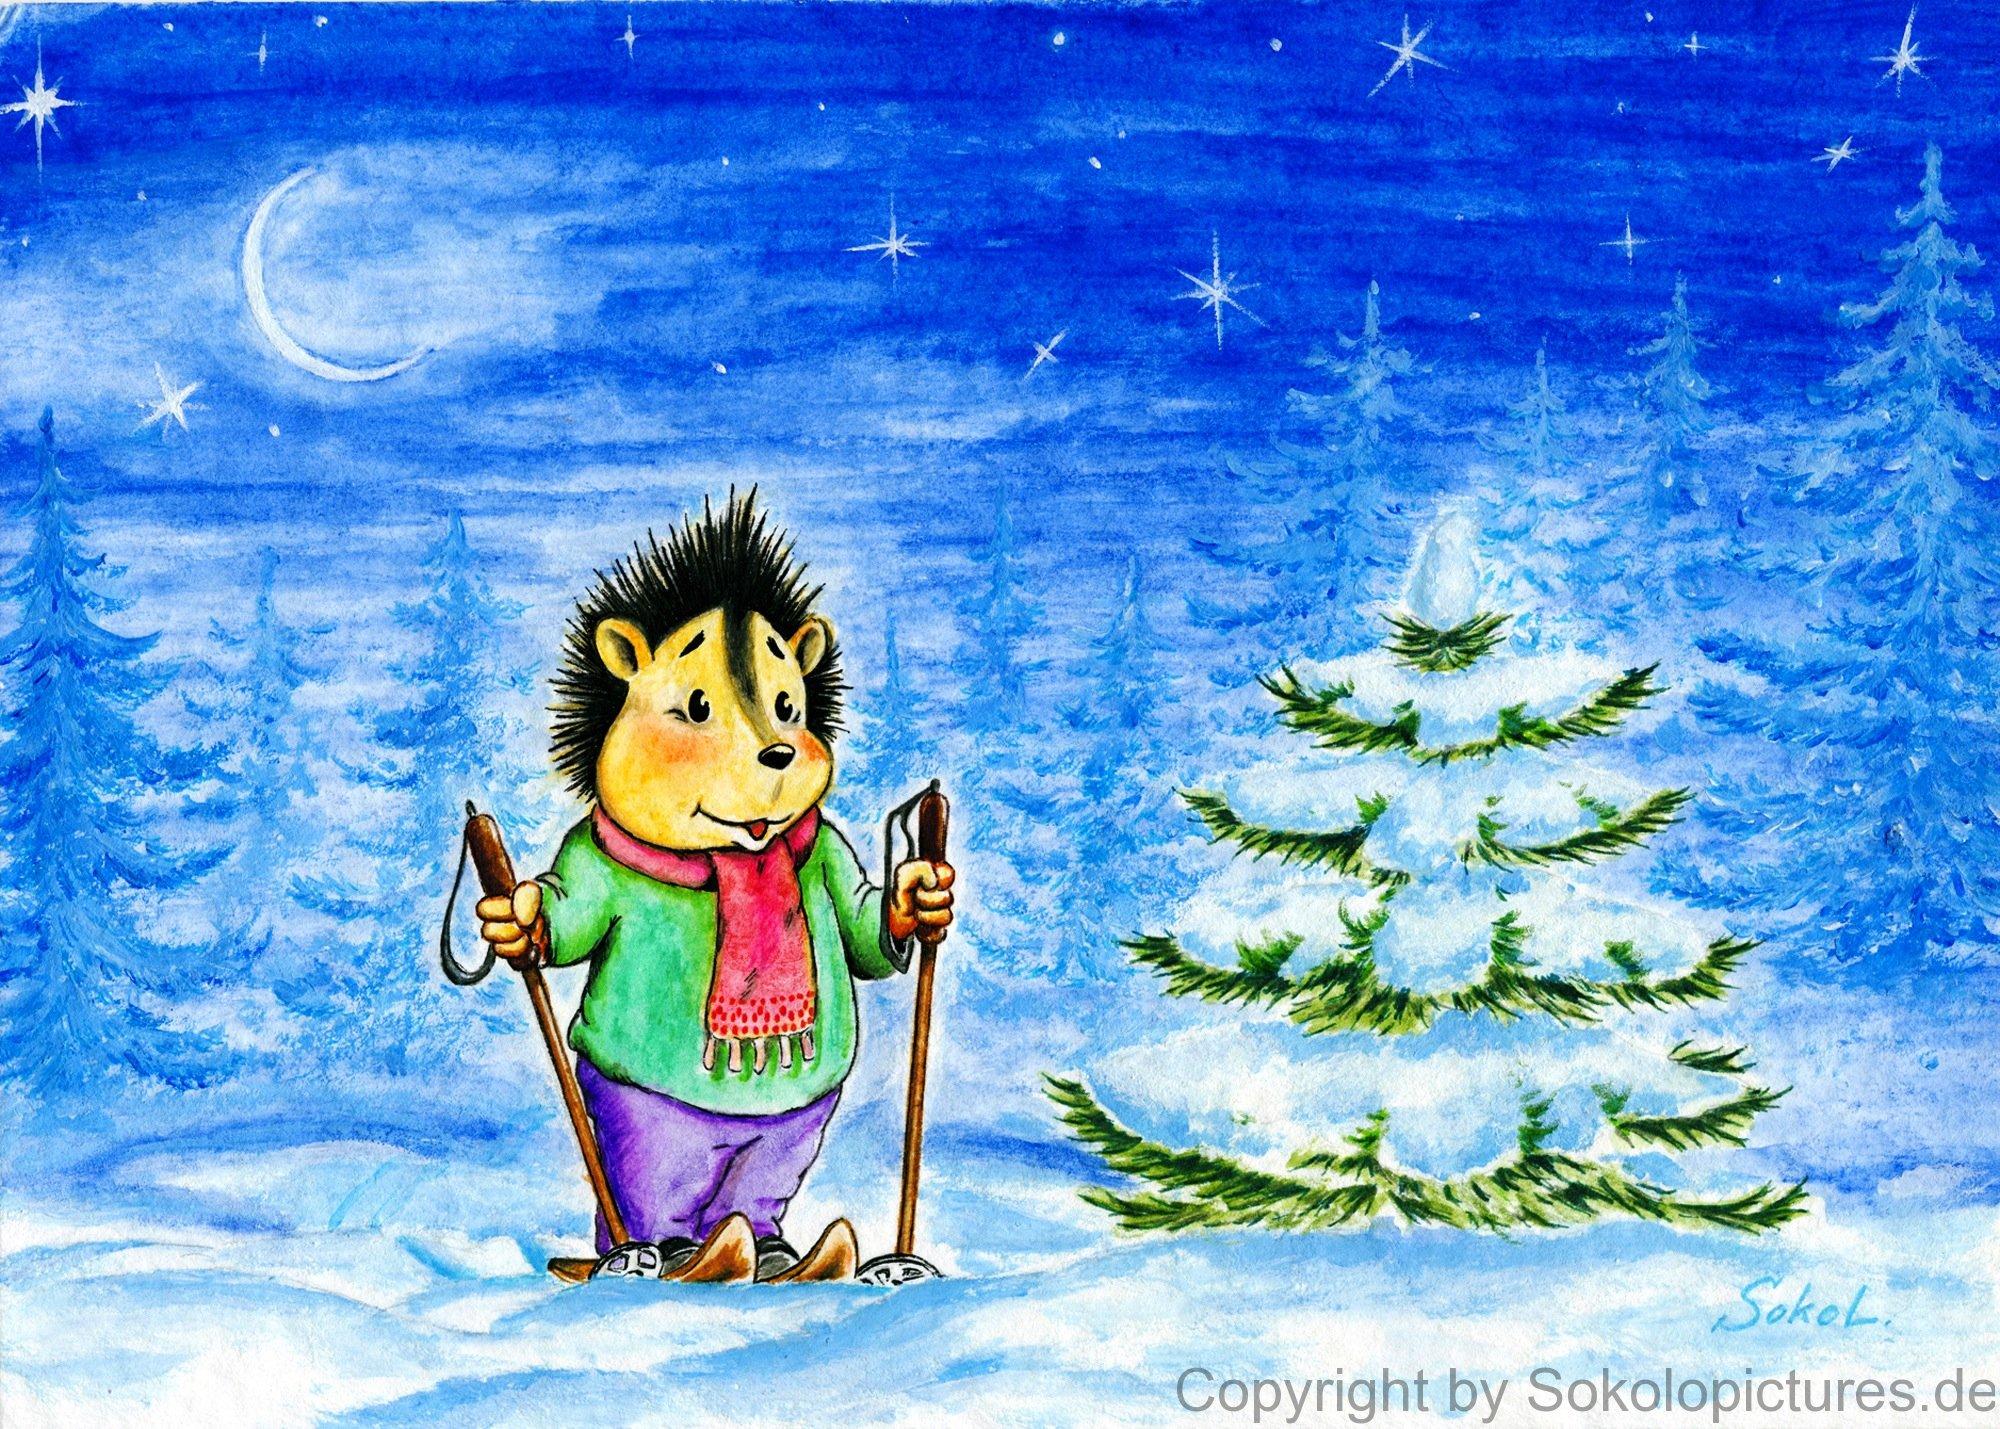 Postkarten zum Thema Weihnachten und Jahreswechsel